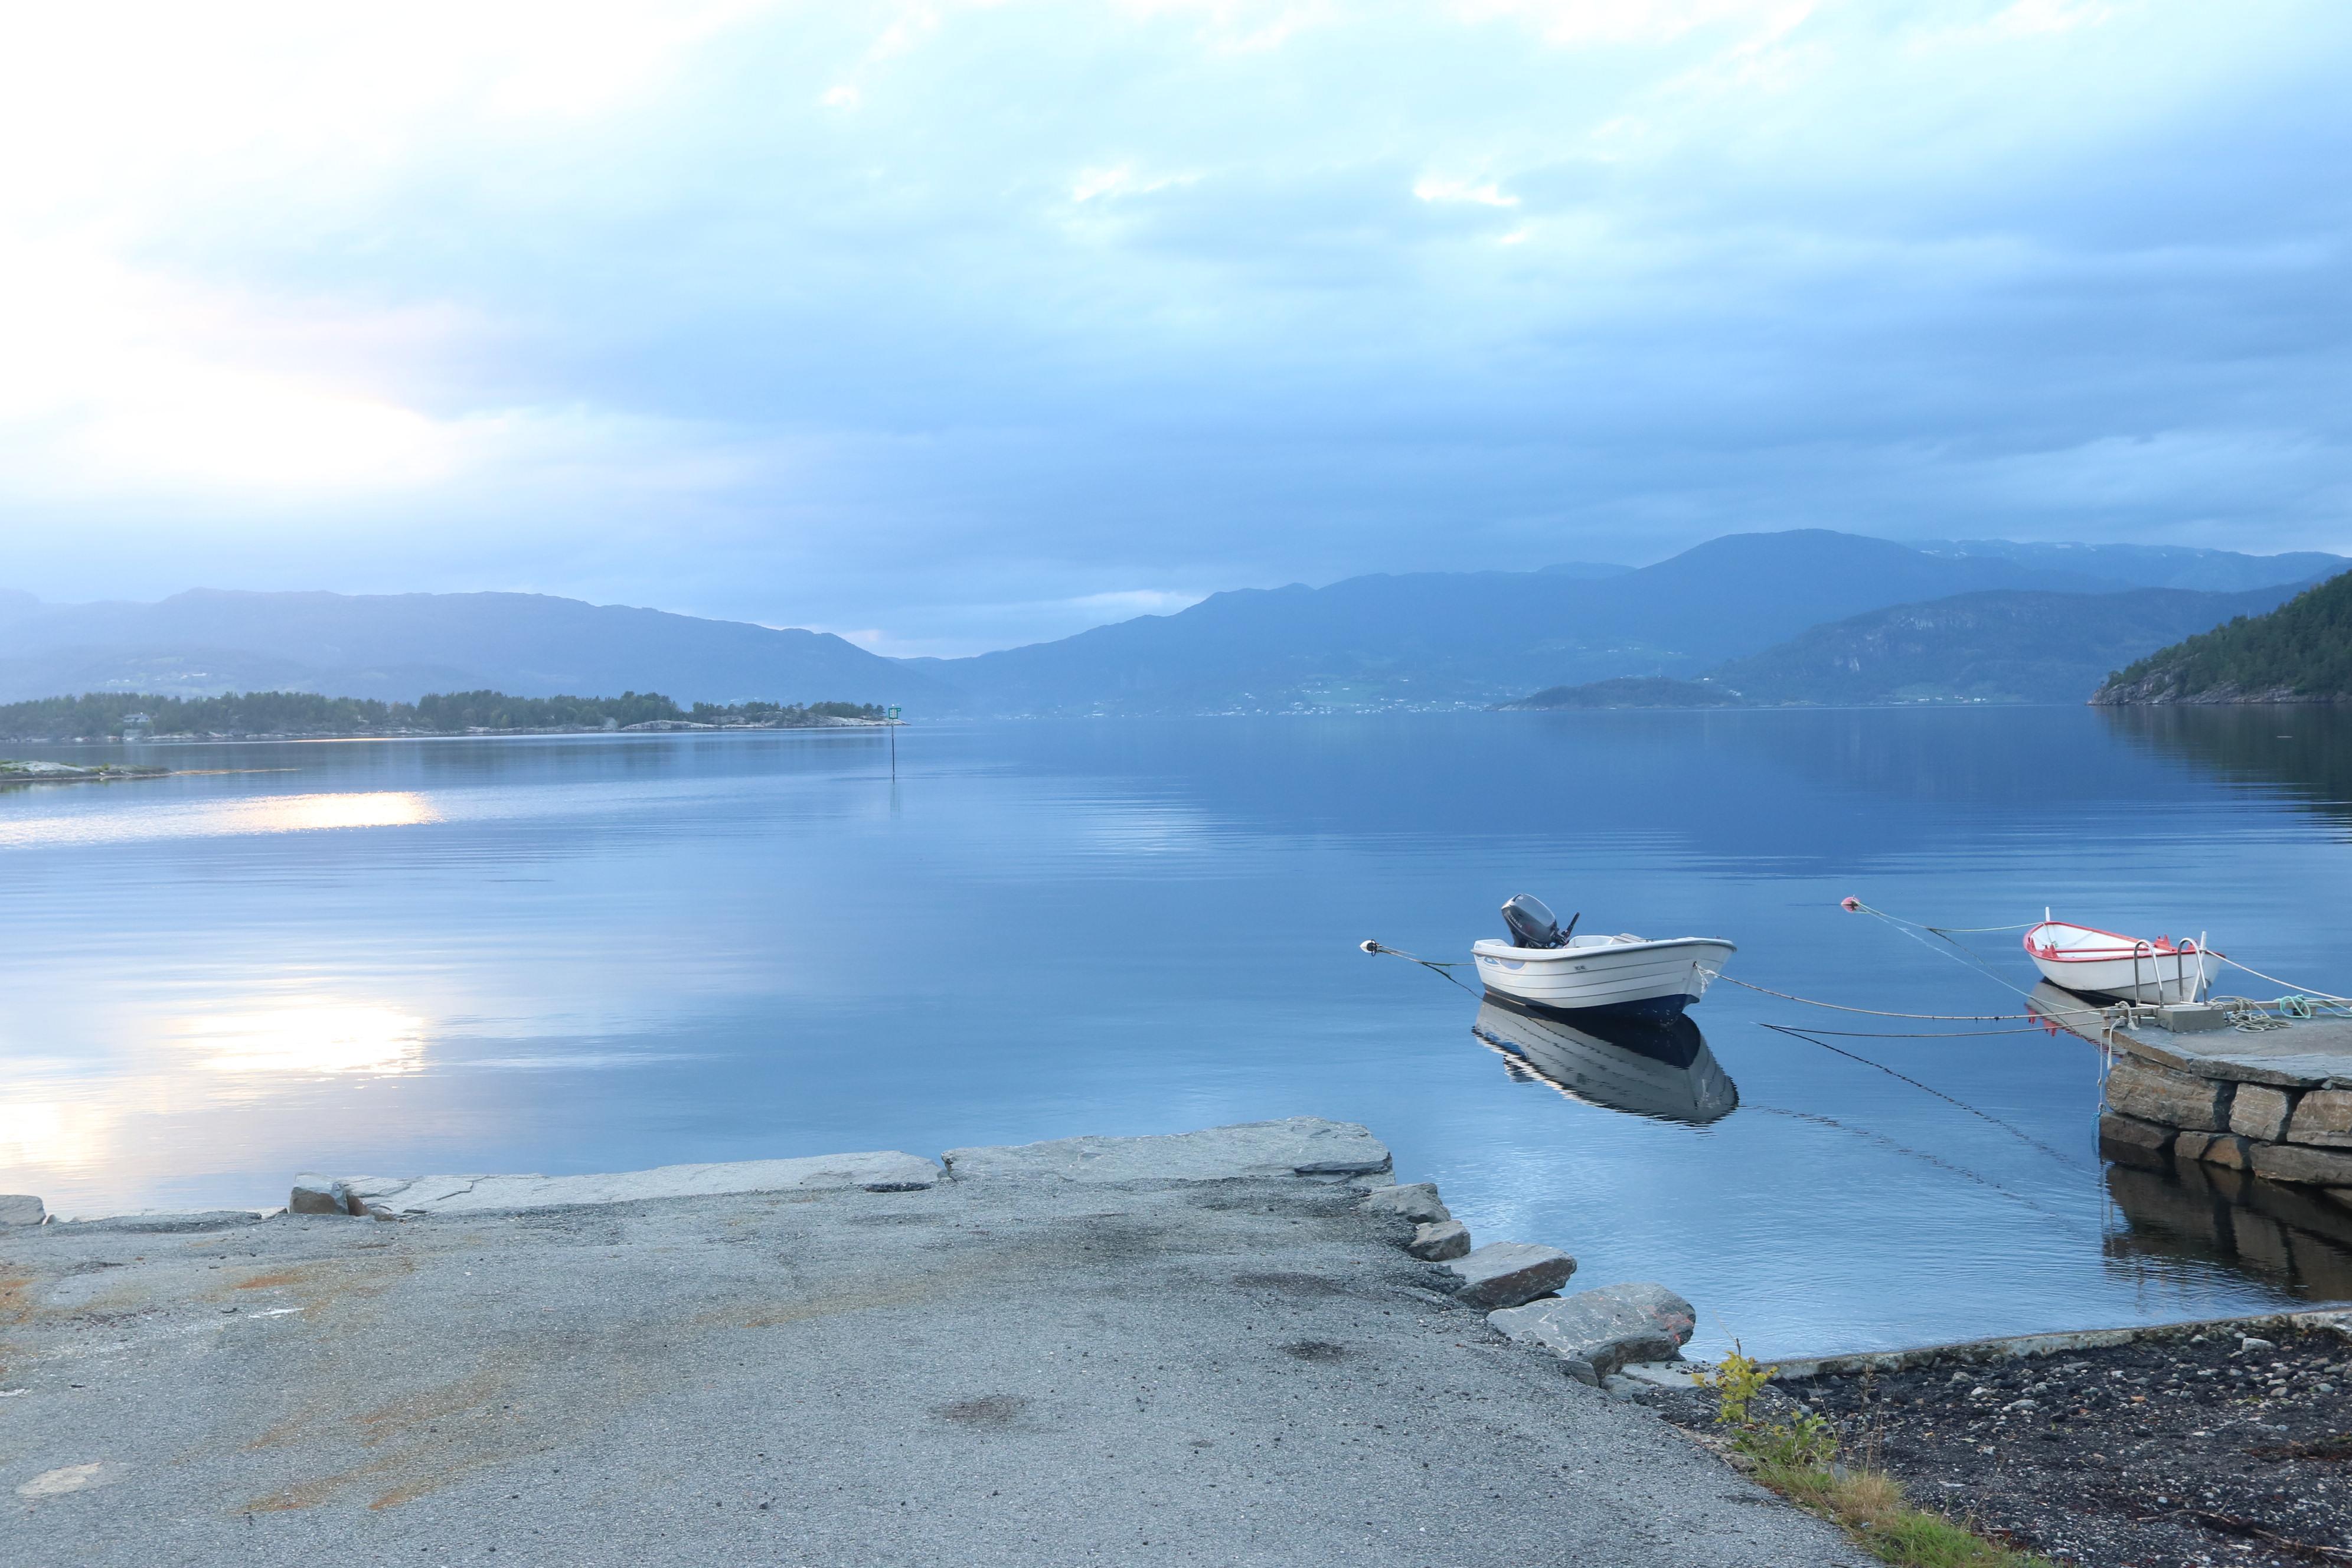 Stille kveld ved Hardangerfjorden